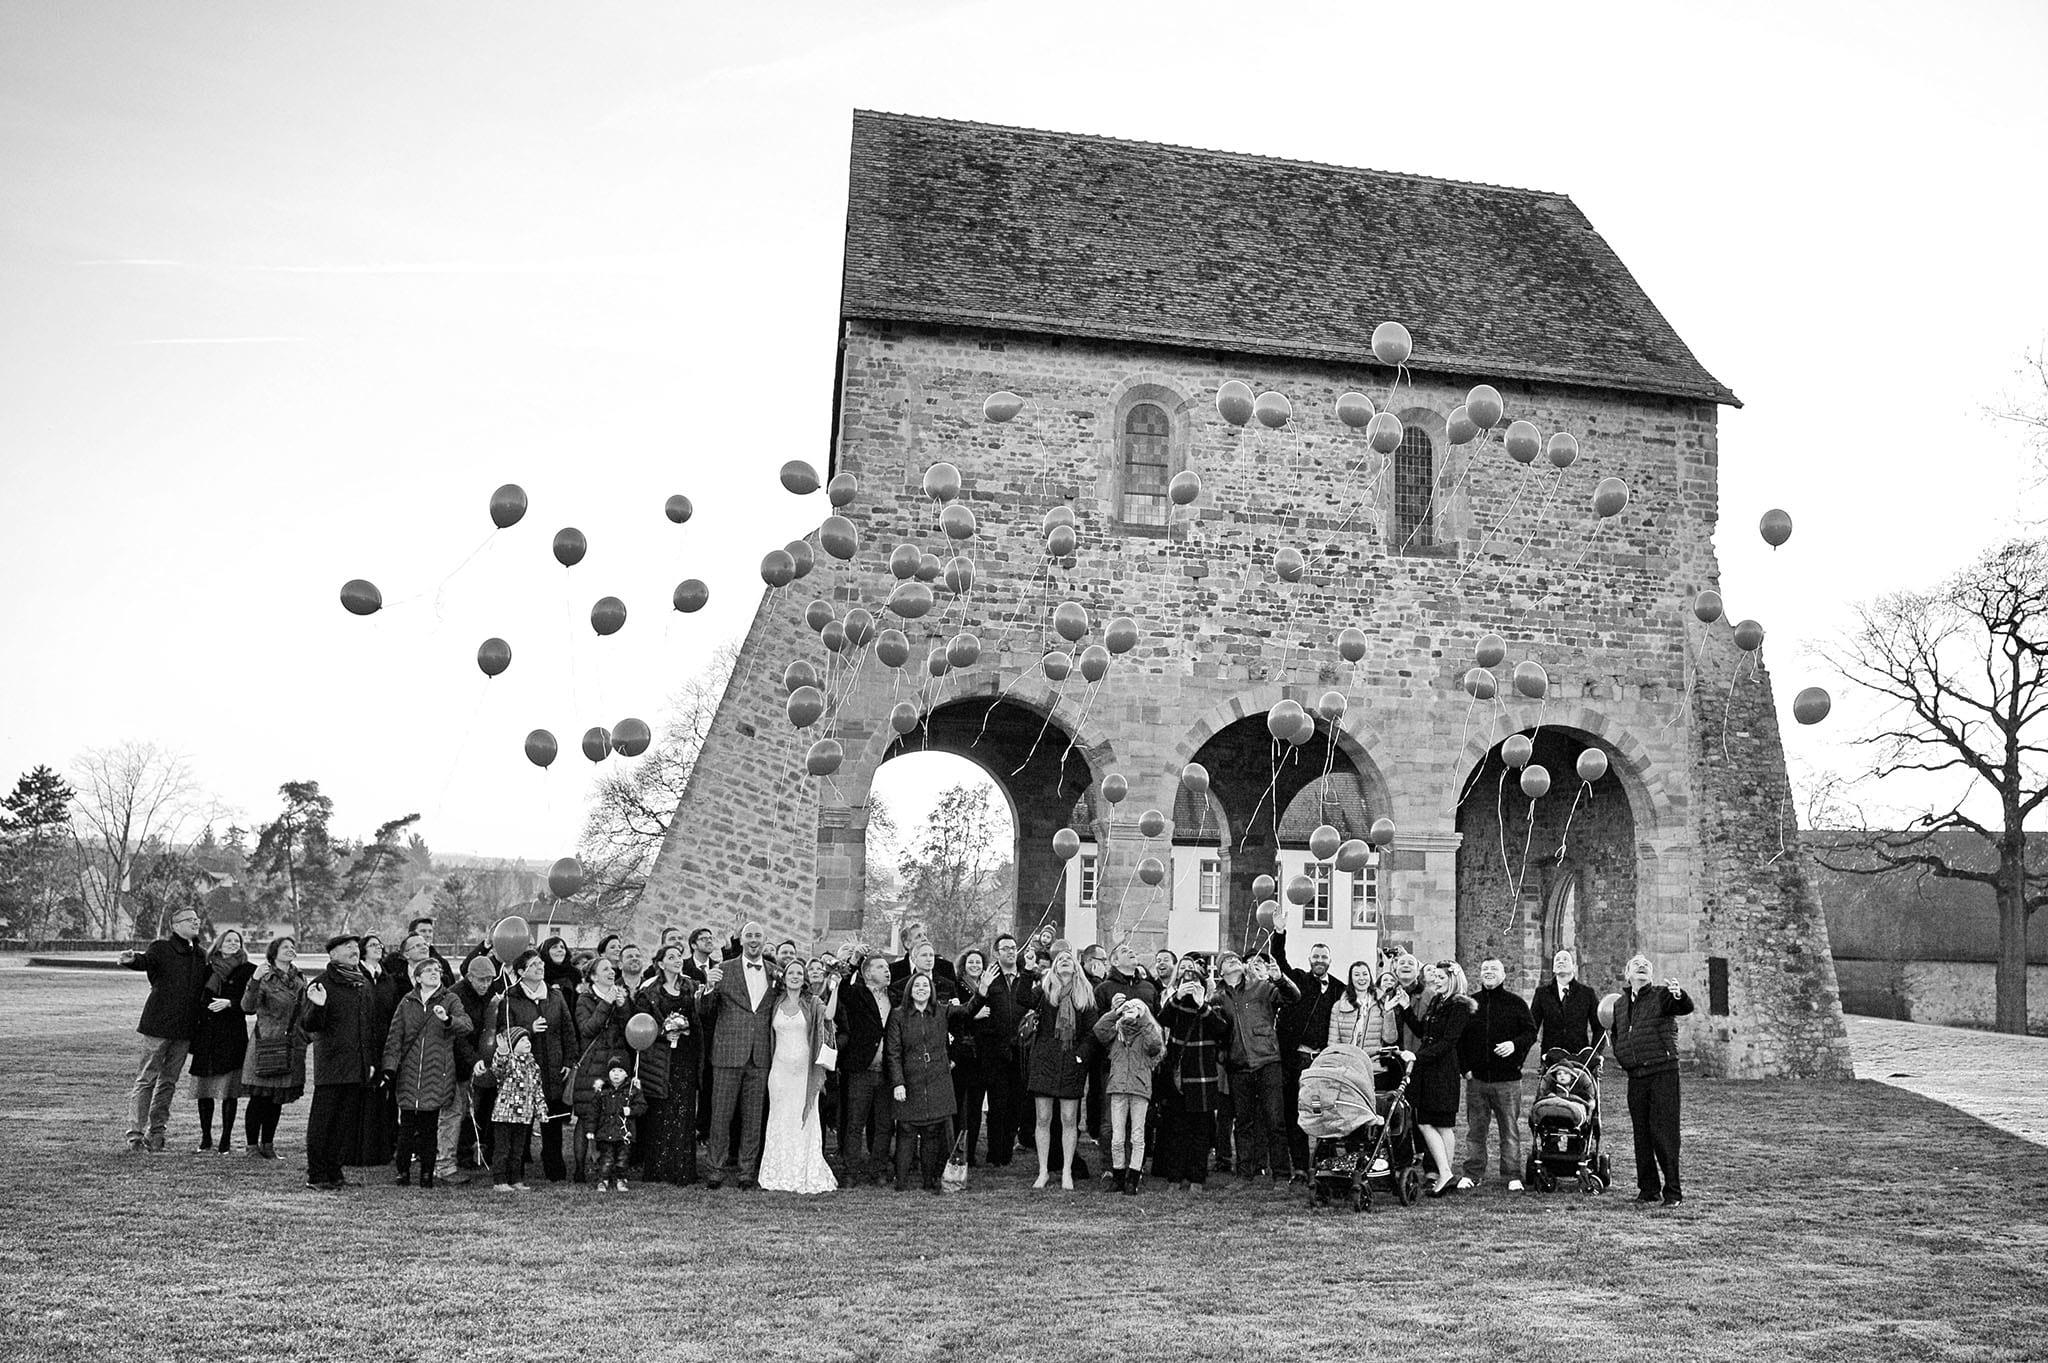 Hochzeit 008 Brautpaar Hochzeit heiraten Foto fotografieren Bensheim Bergstraße Lorsch Ja-Wort Luftballon Hochzeitsfoto Daniel Fuss Fotografie